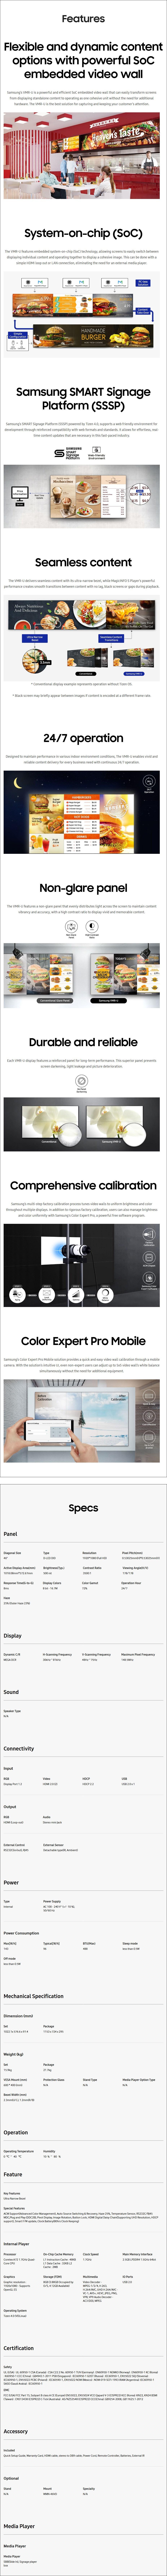 """Samsung VM46R-U 46"""" Full HD 24/7 500nit Video Wall Display - Overview 1"""